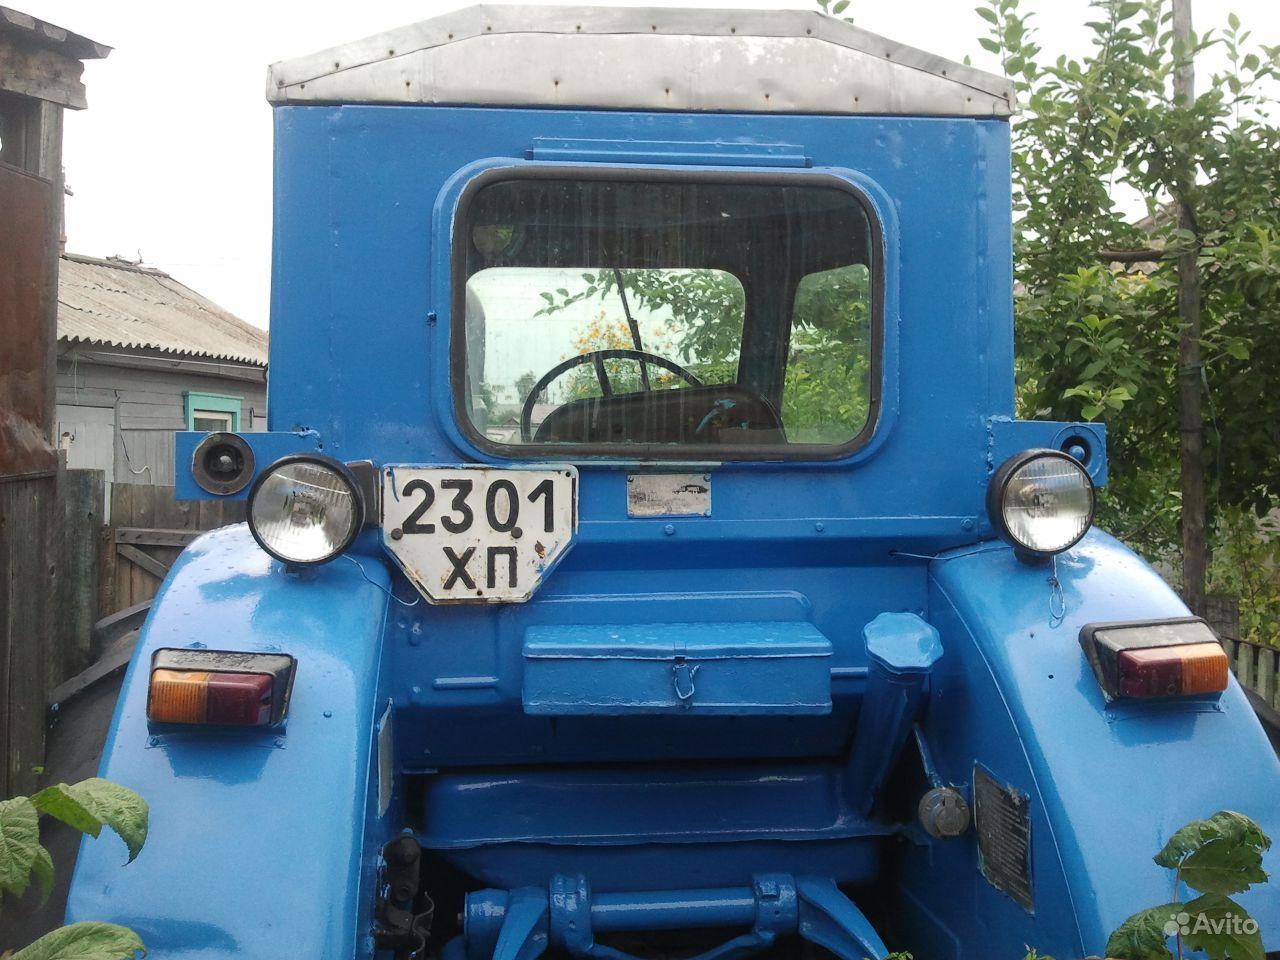 Продажа тракторов хакасия на авито    Авторынок твоего города